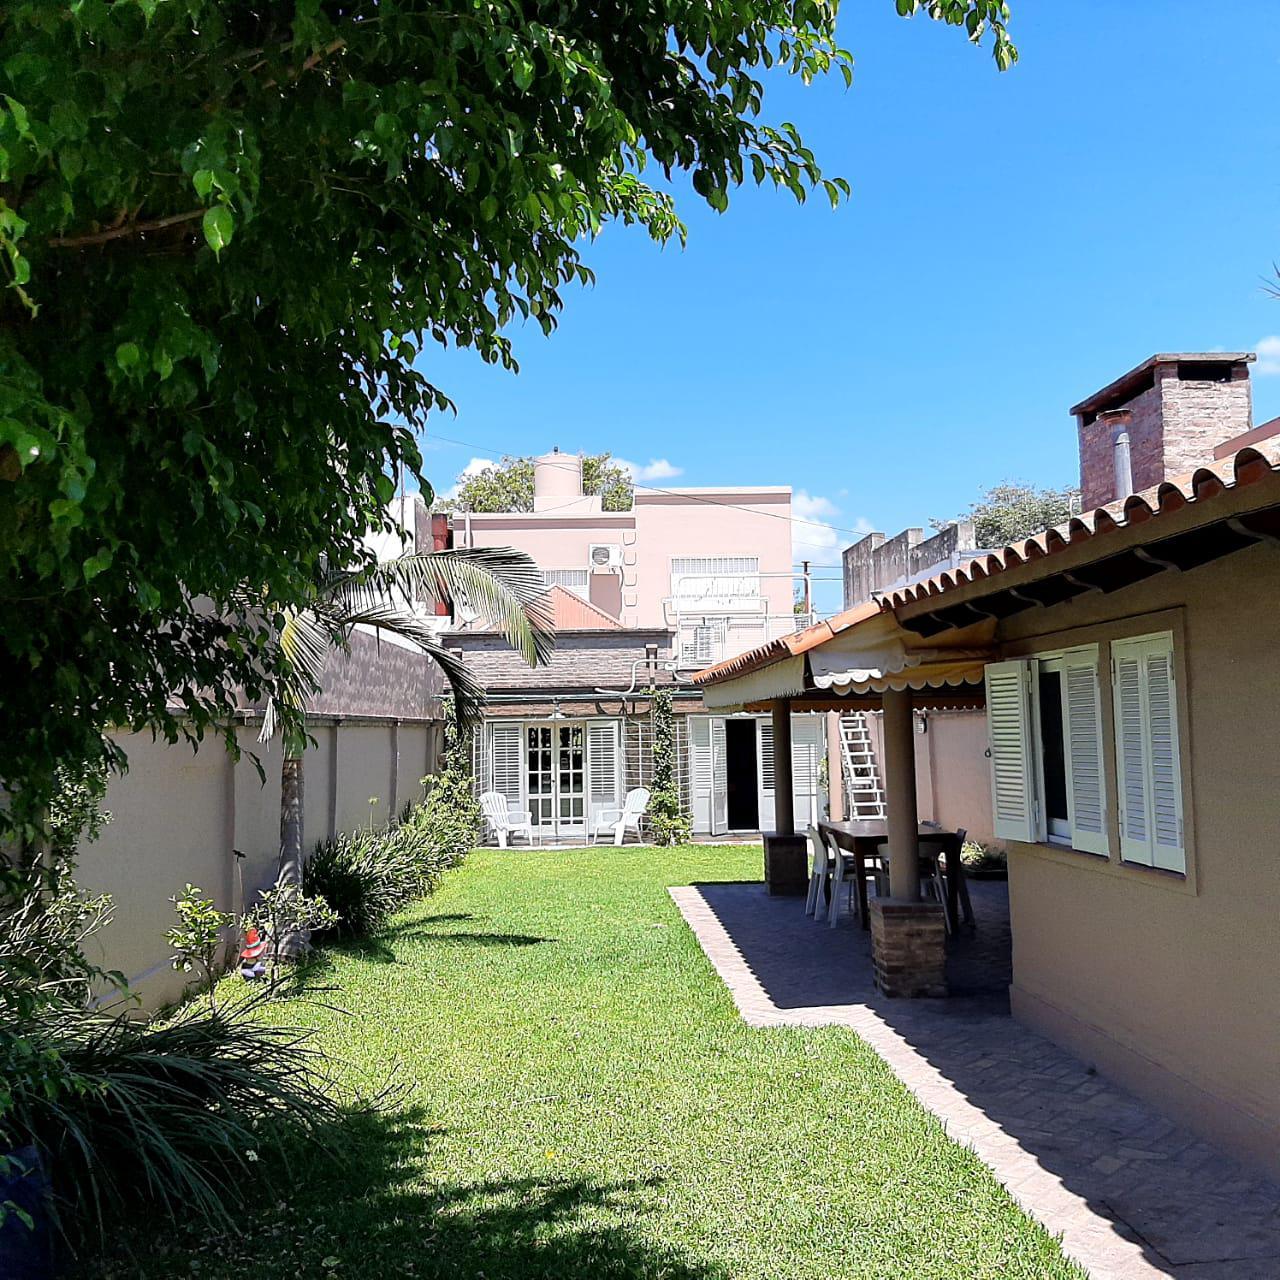 Bv. Santa Fe 1087 - Gaggiotti Inmobiliaria cuenta con más de 50 años desde que se inicio en el negocio de los servicios inmobiliarios.